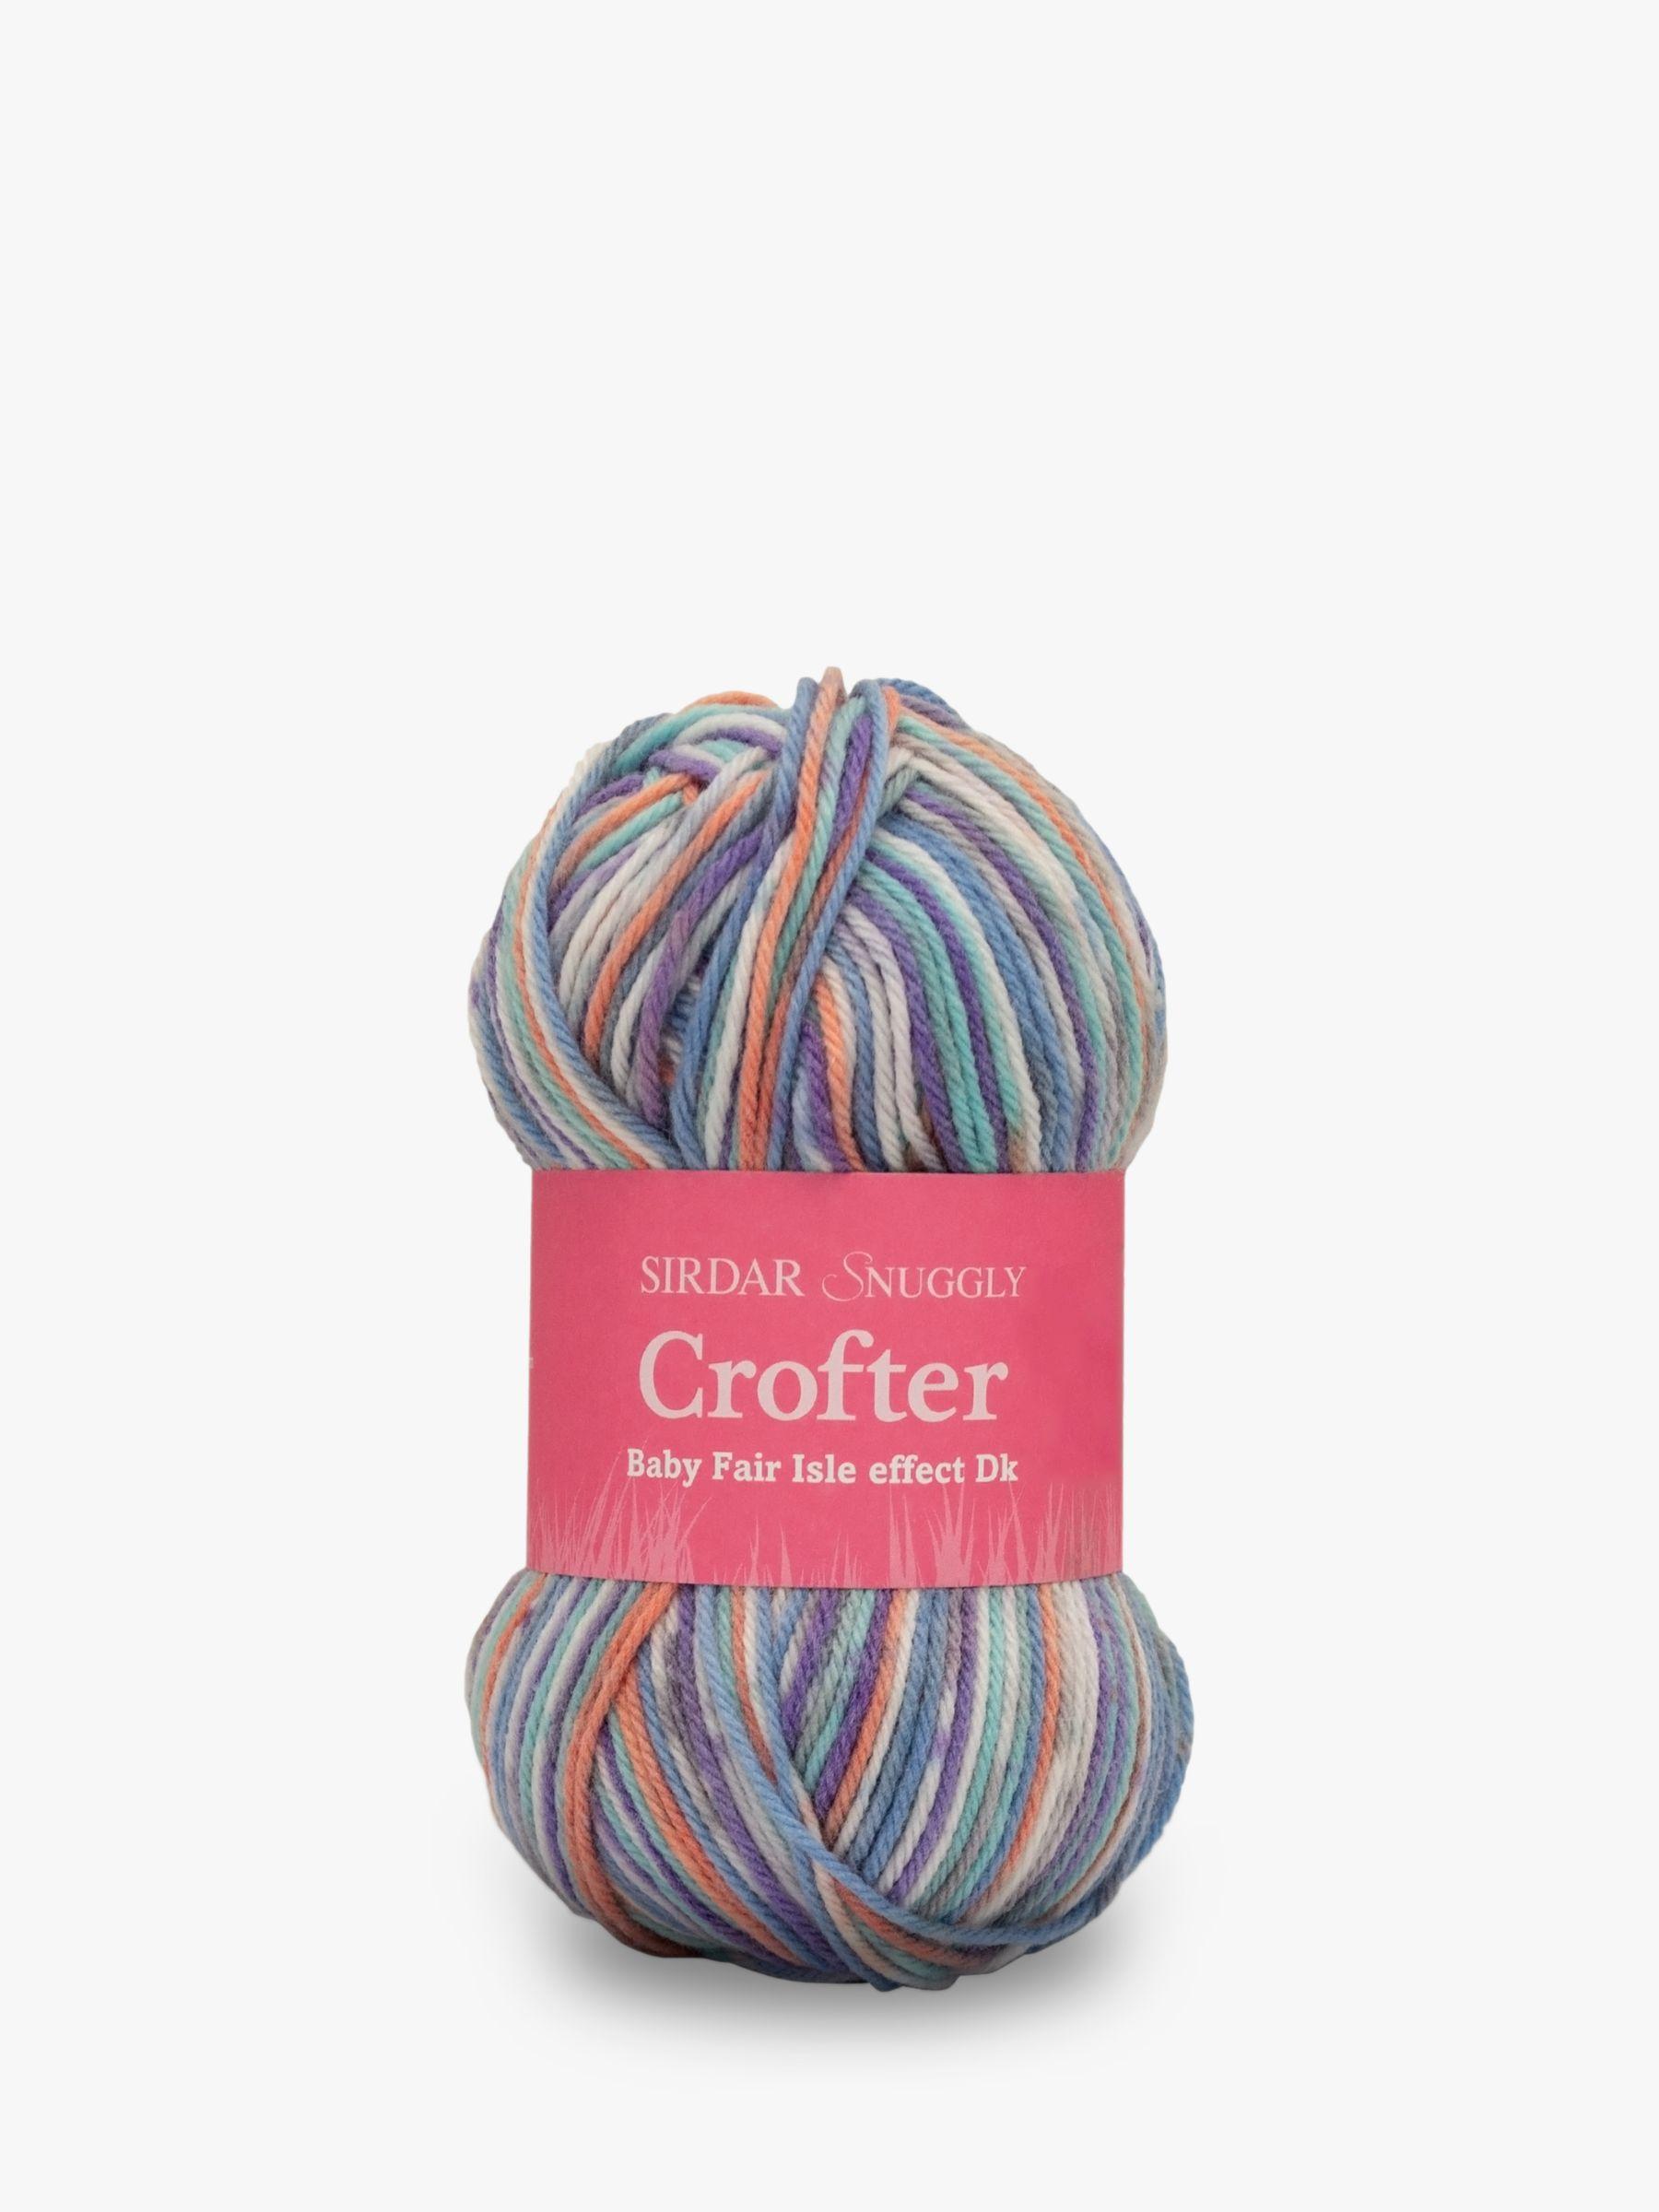 Sirdar Sirdar Baby Fair Isle Effect Crofter DK Yarn, 50g